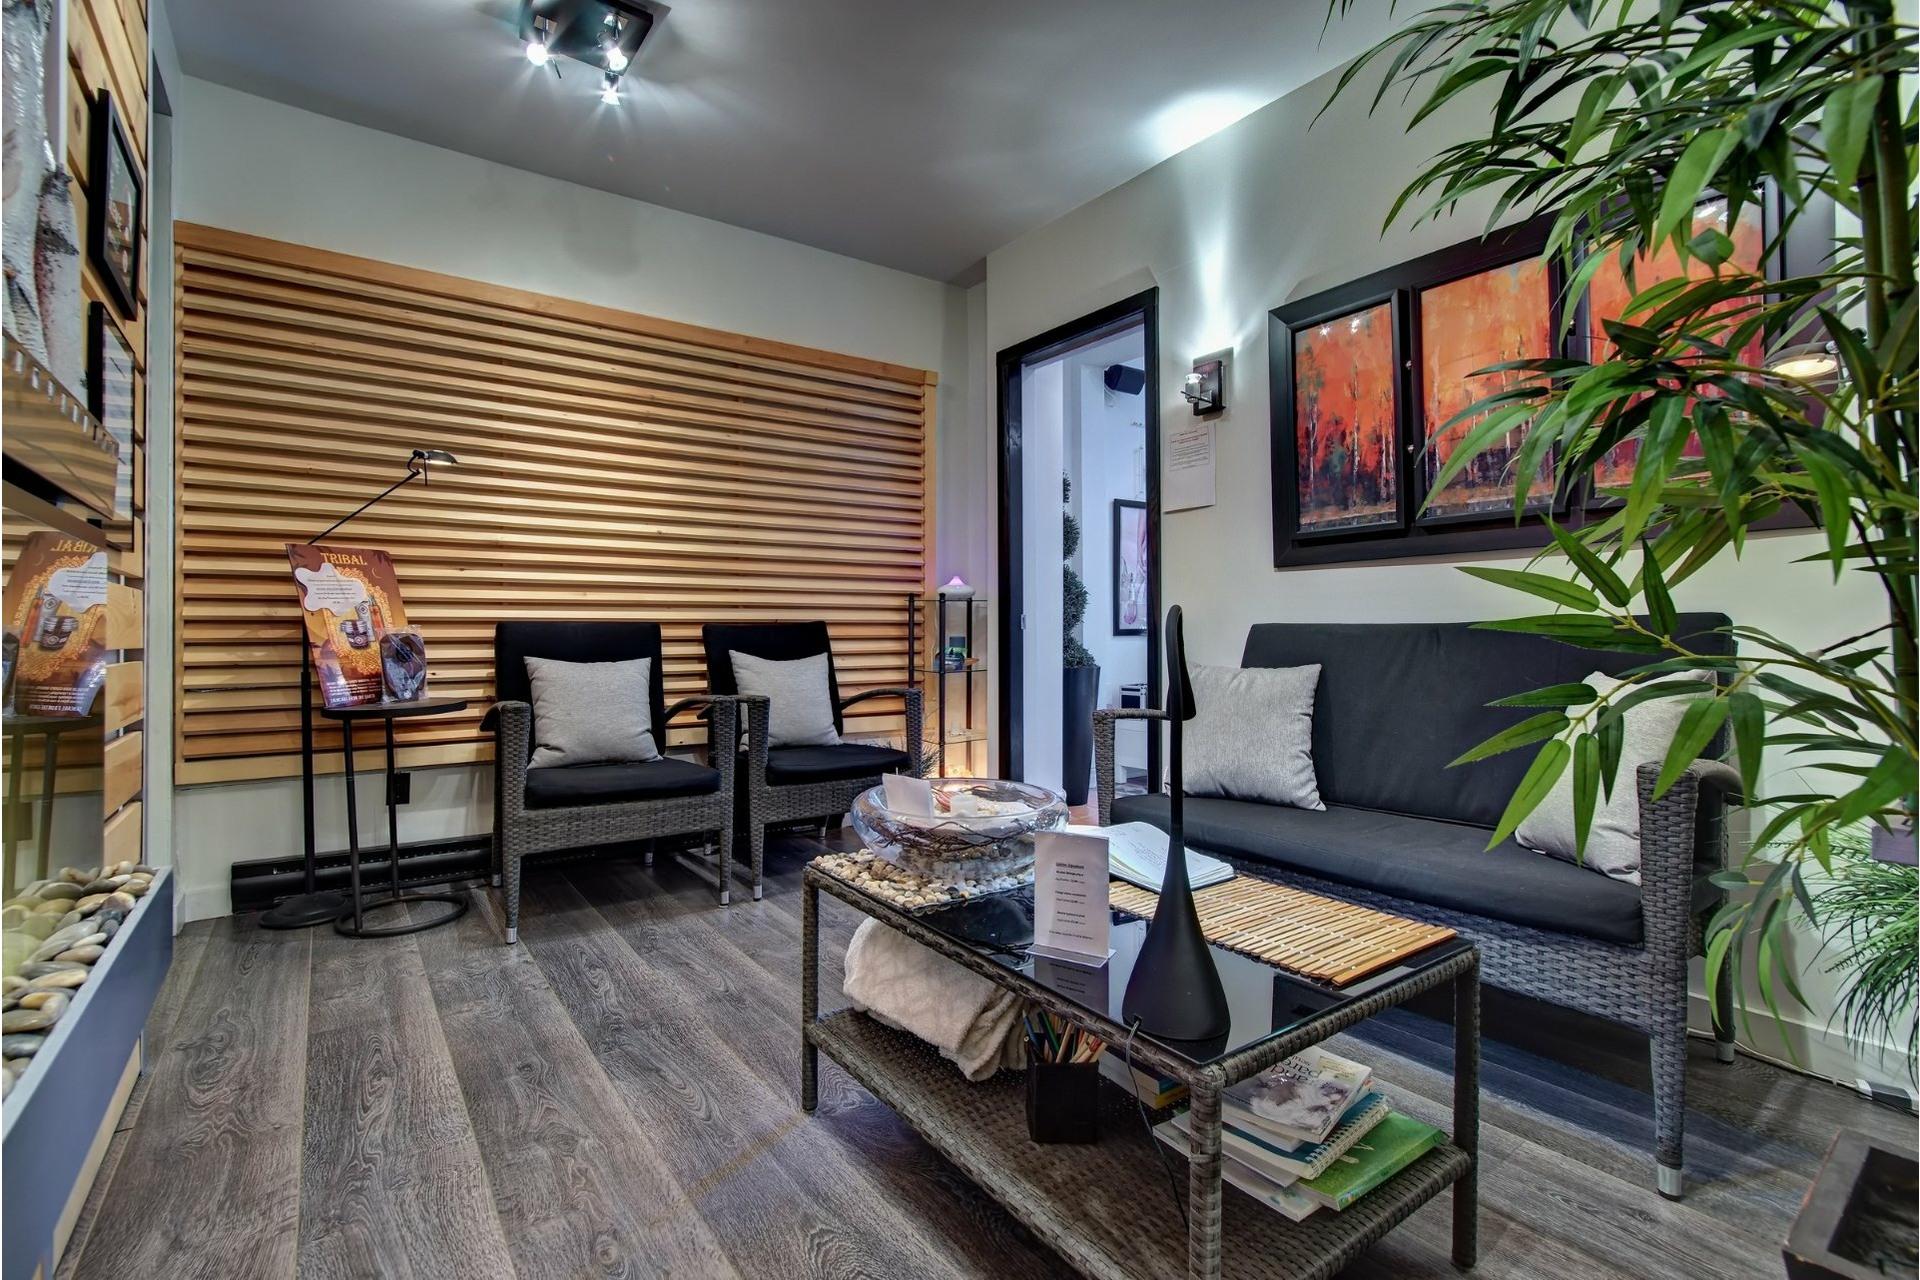 image 15 - Quadruplex For sale Rivière-des-Prairies/Pointe-aux-Trembles Montréal  - 4 rooms